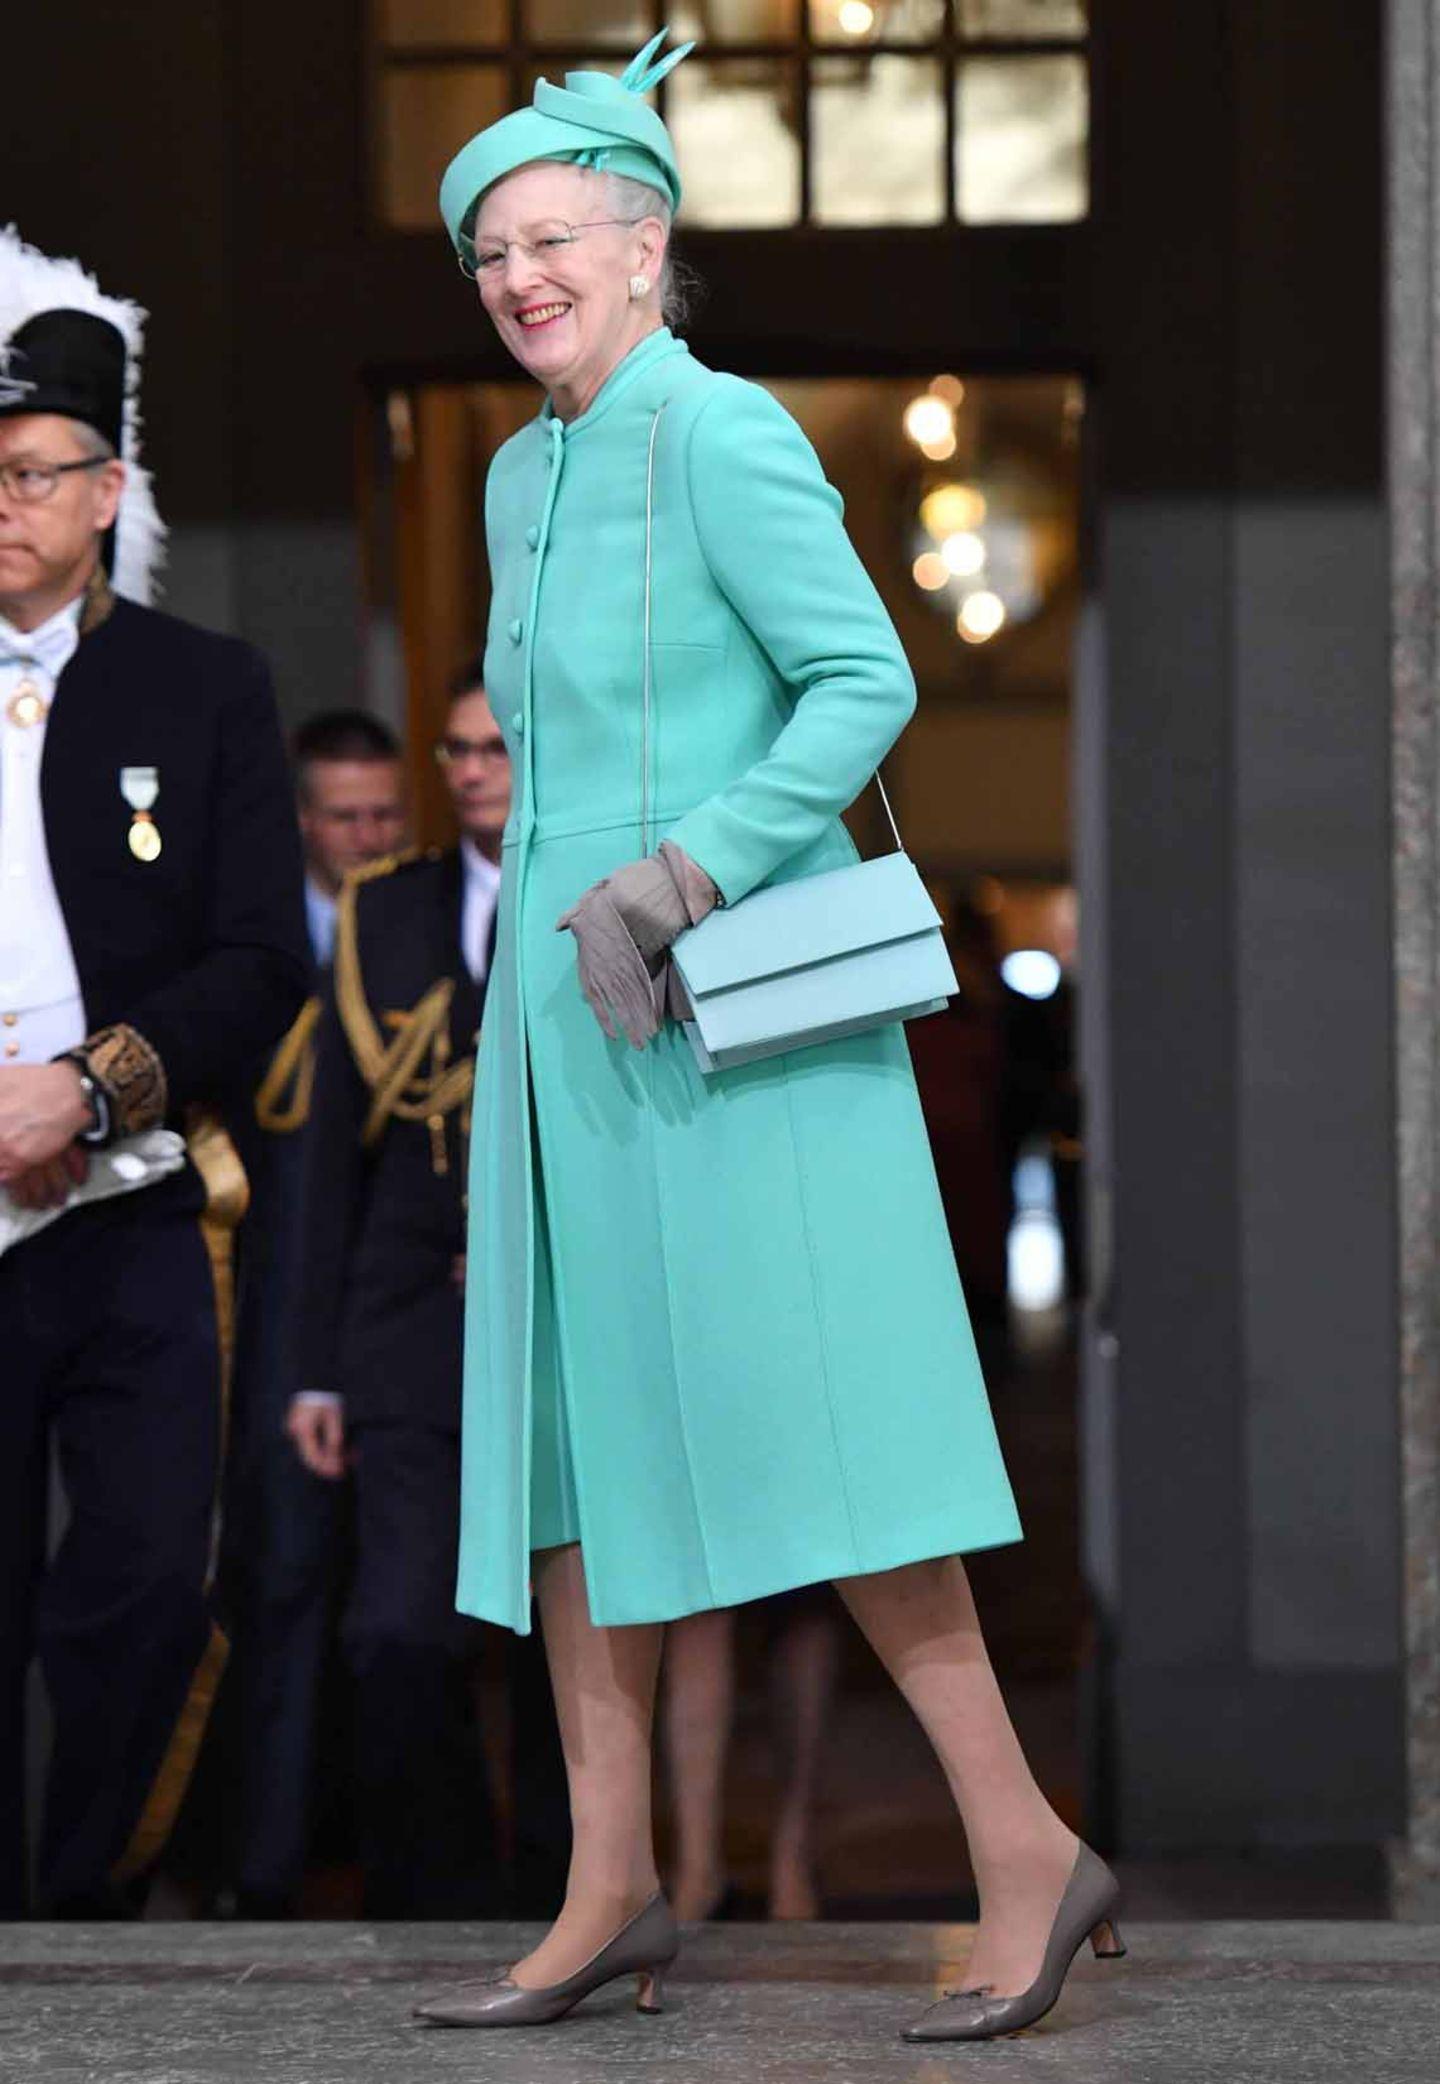 Königin Margrethe von Dänemark wählt wie immer eine kräftigere Farbe. Zur Feier von König Carl Gustaf kommt sie in einem türkisfarbenen Outfit.